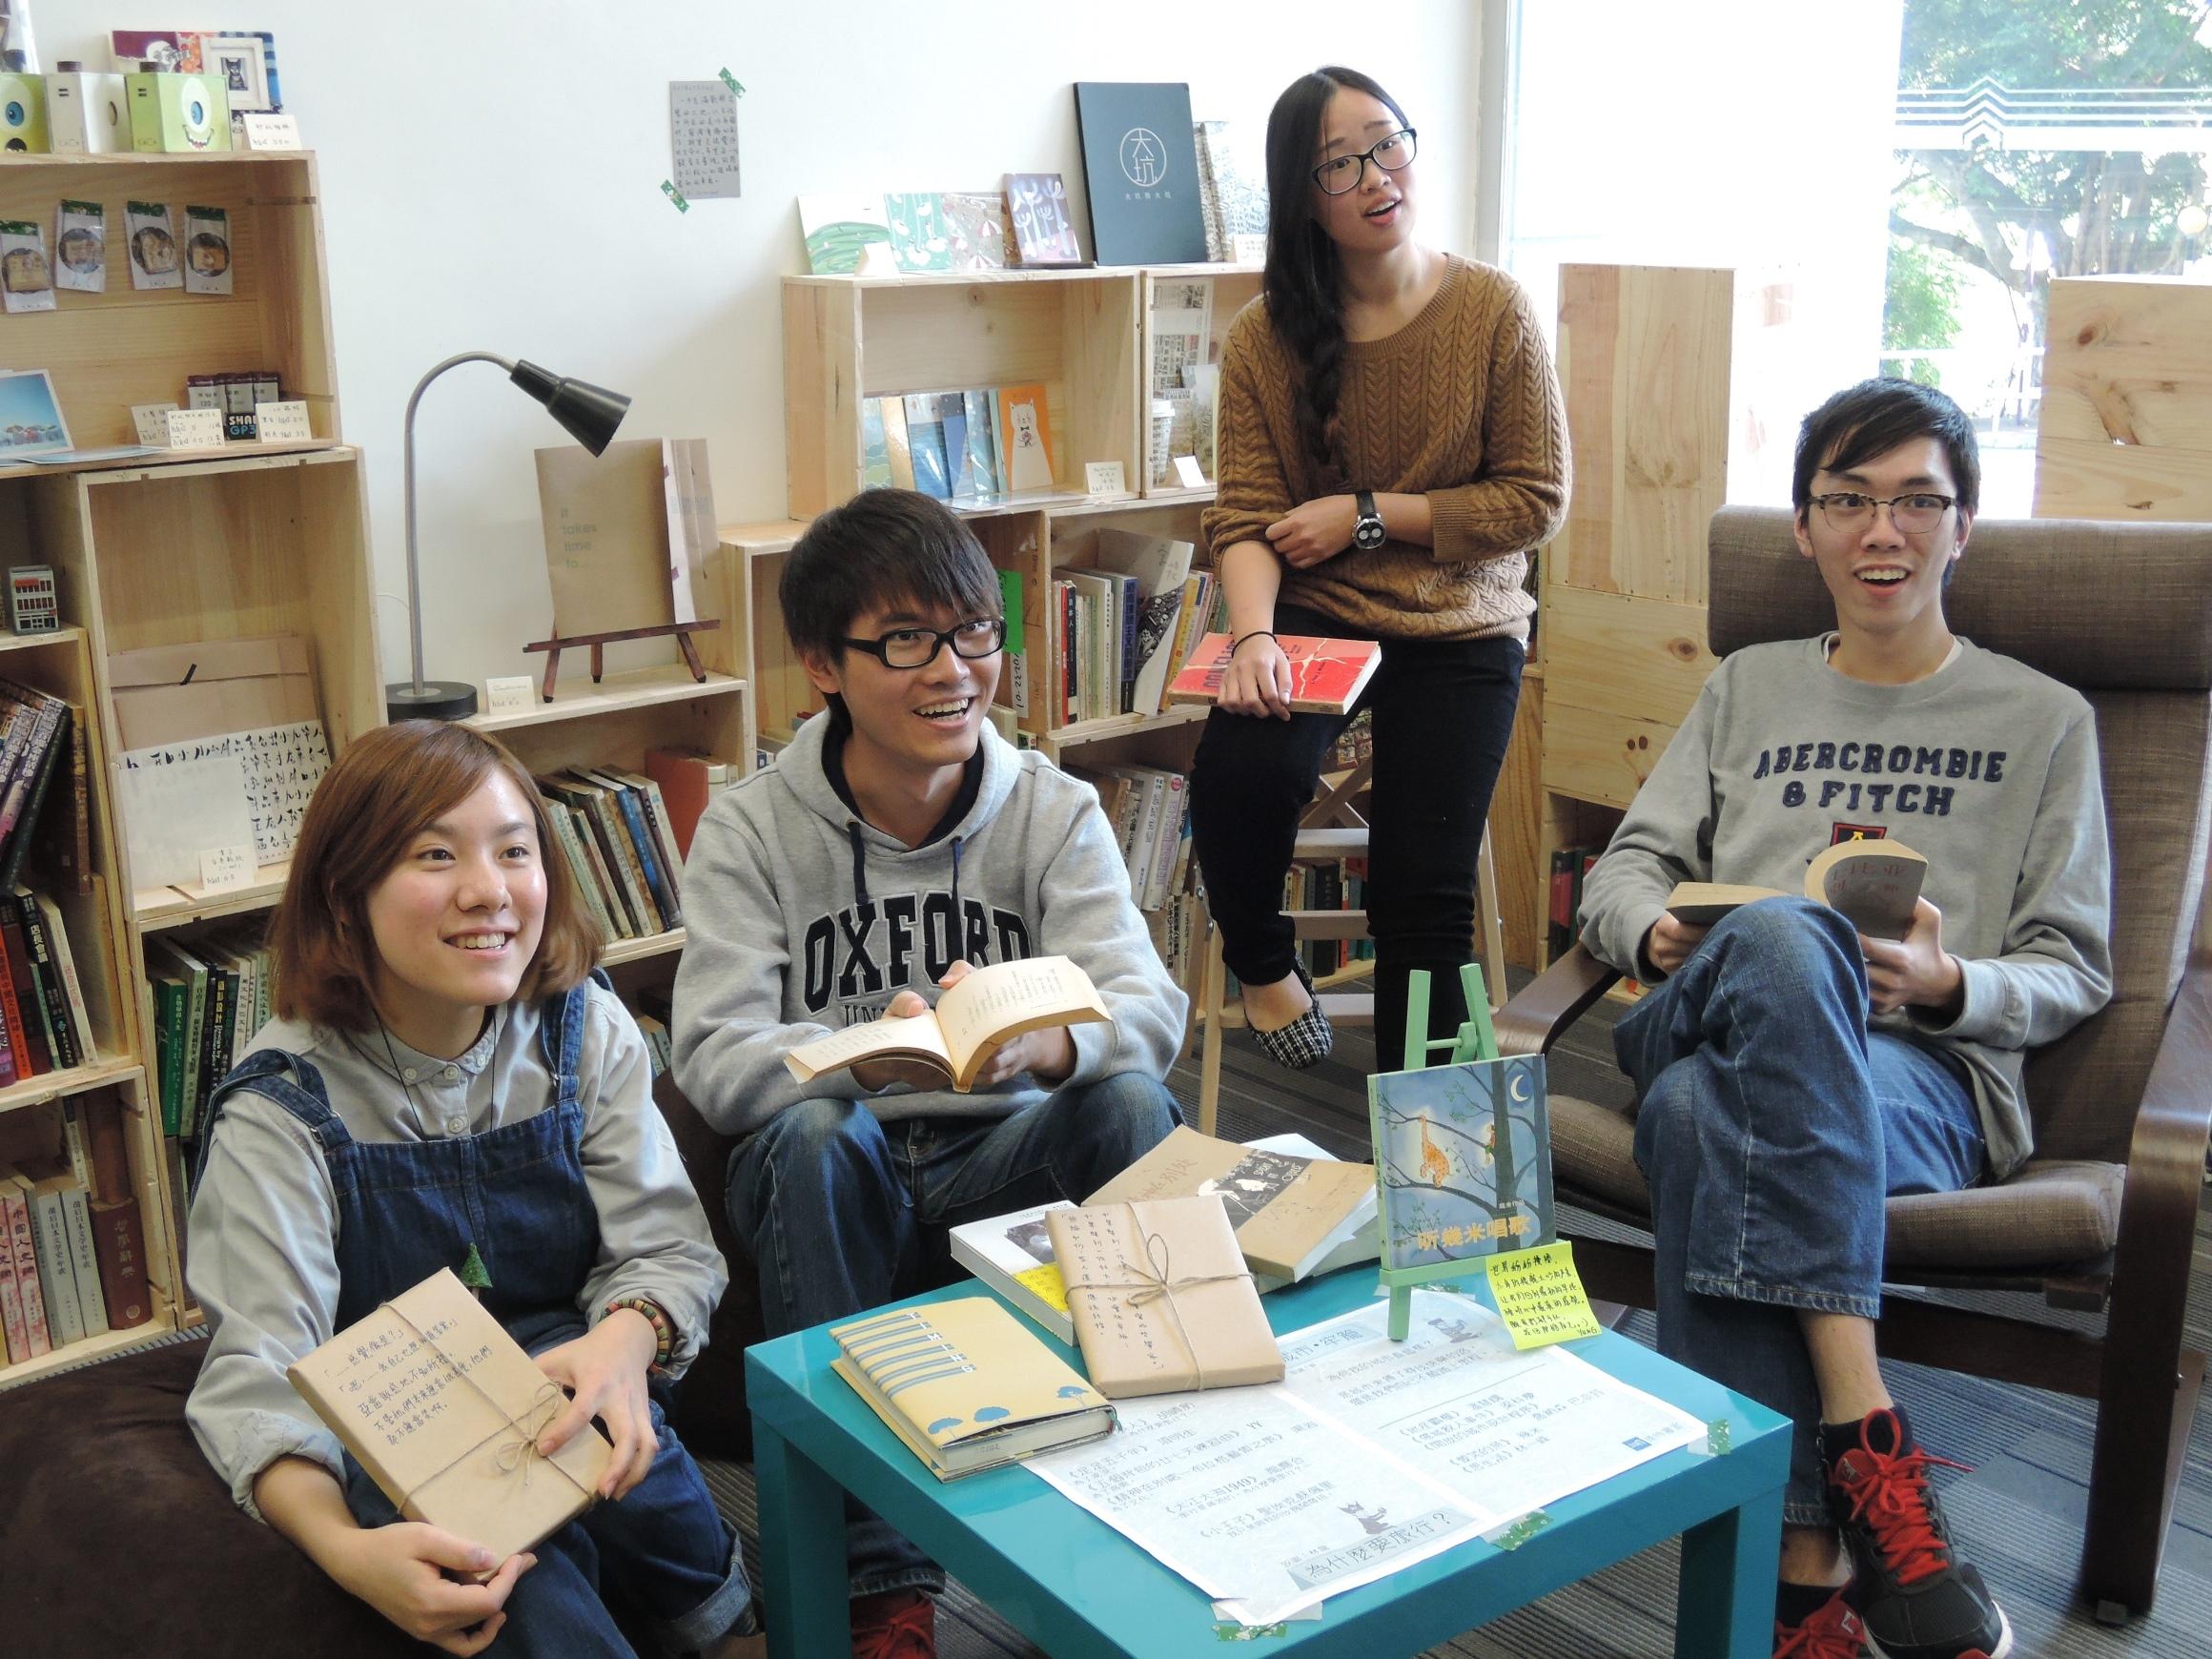 创办逢时书室的学生及校友希望可为读者提供不一样的阅读体验。